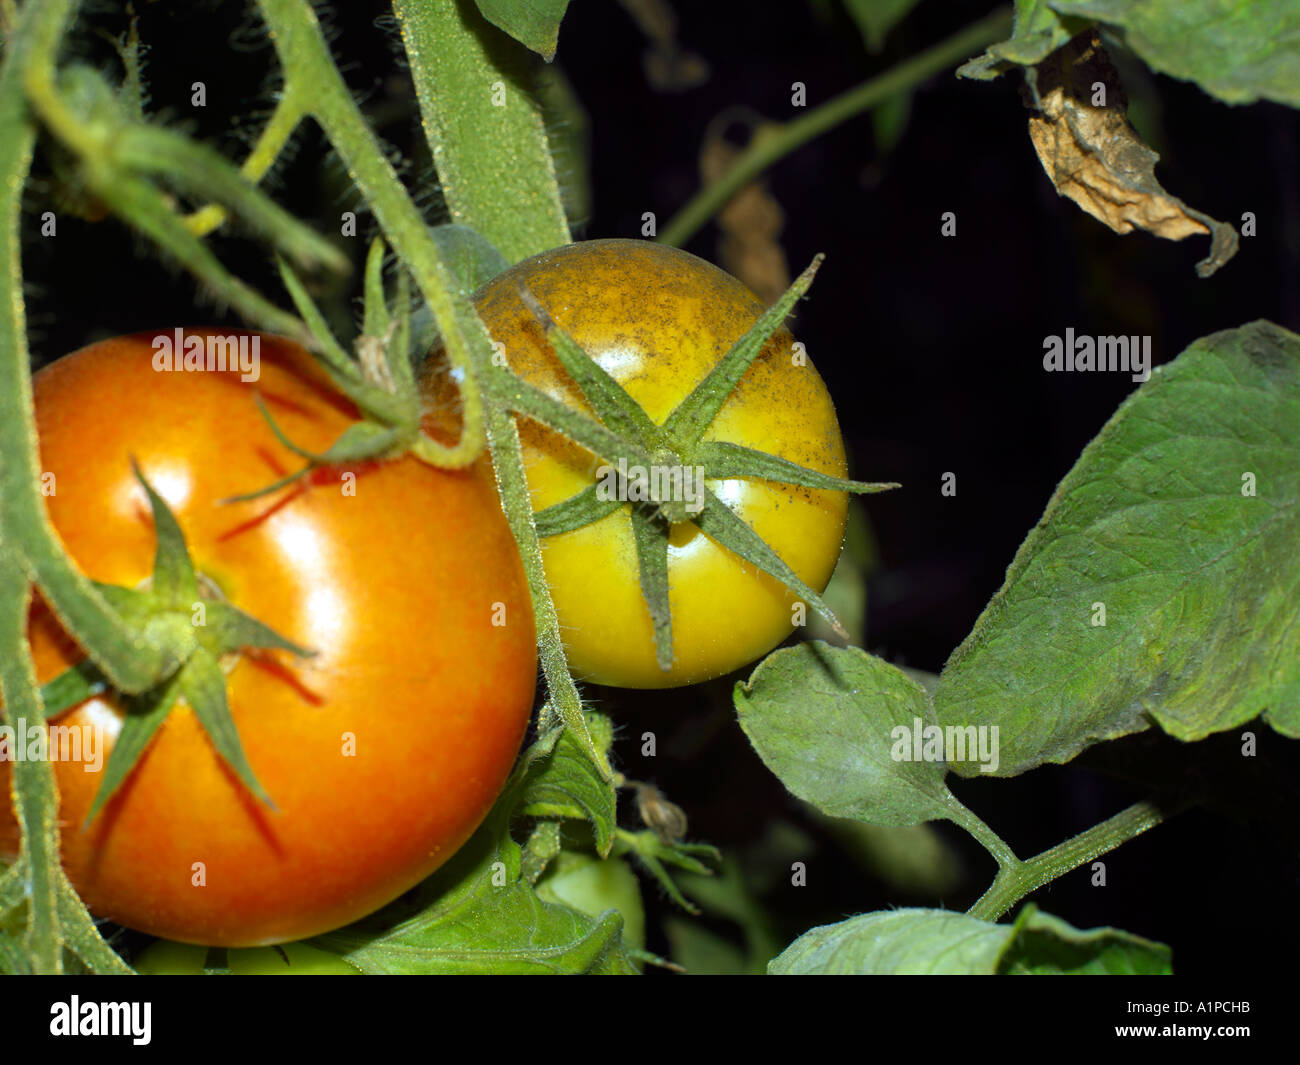 Tomate Mit Schimmel Wachst Im Gewachshaus Stockfoto Bild 5890842